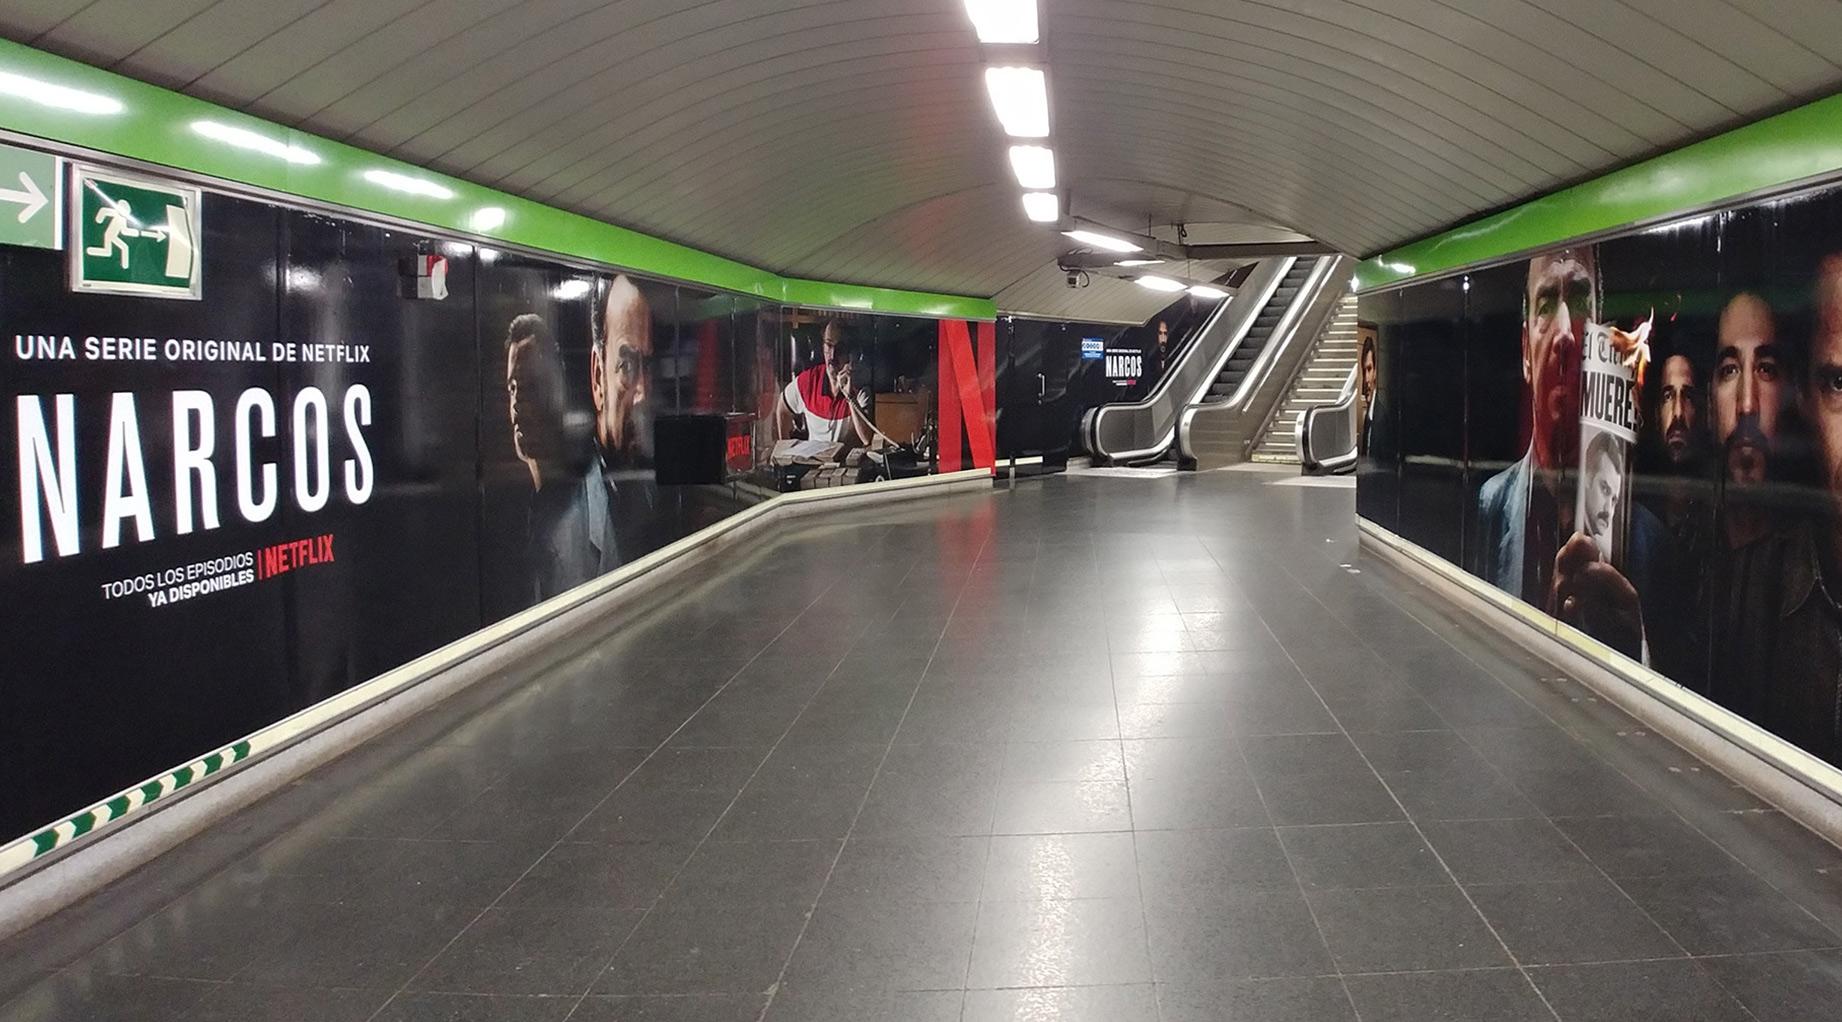 Metro Narcos